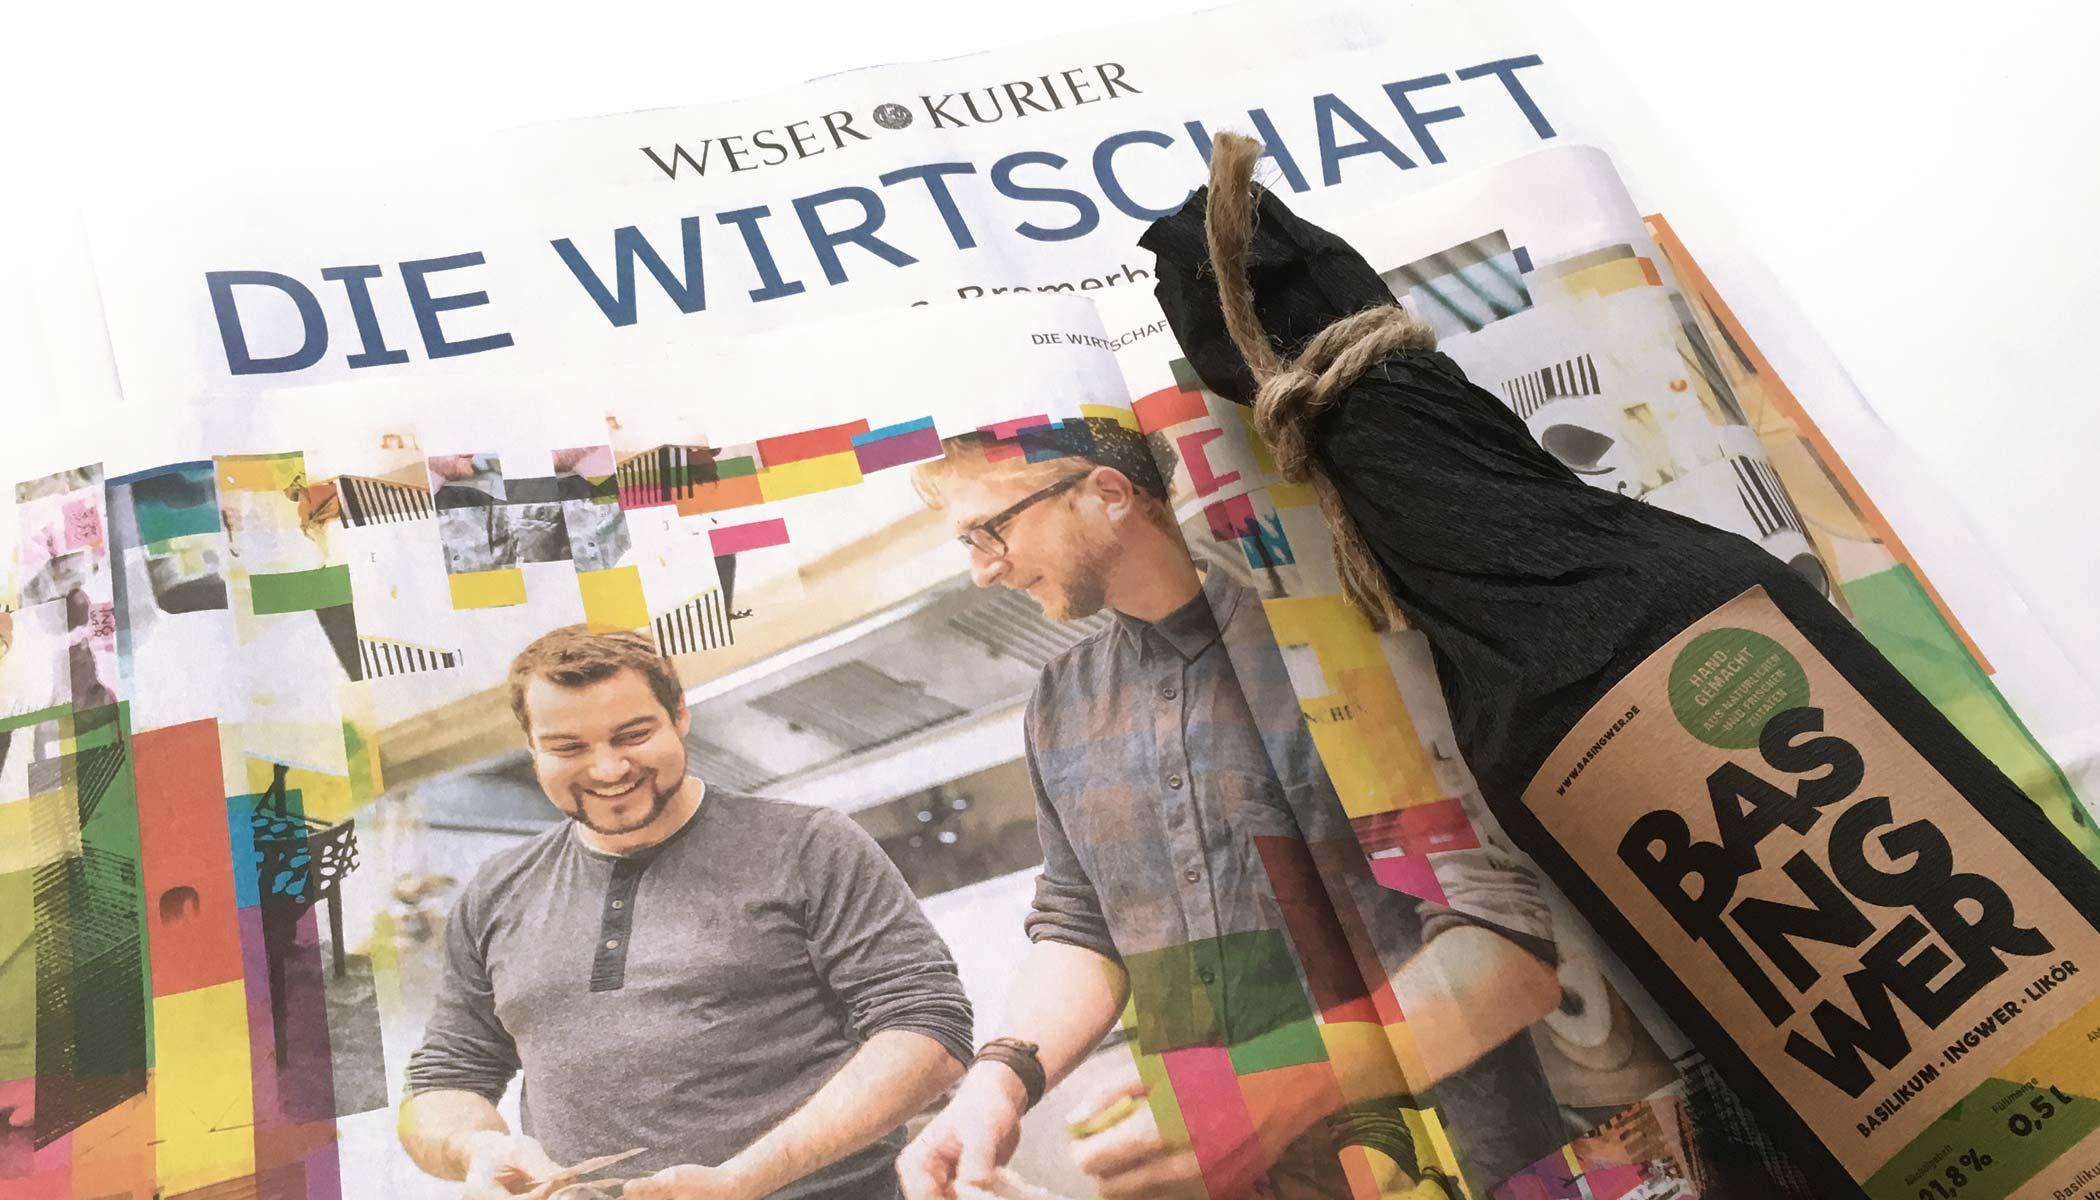 Zwei Typen und ihre Buddel Basingwer auf einem Tisch liegend als Zeitungsartikel